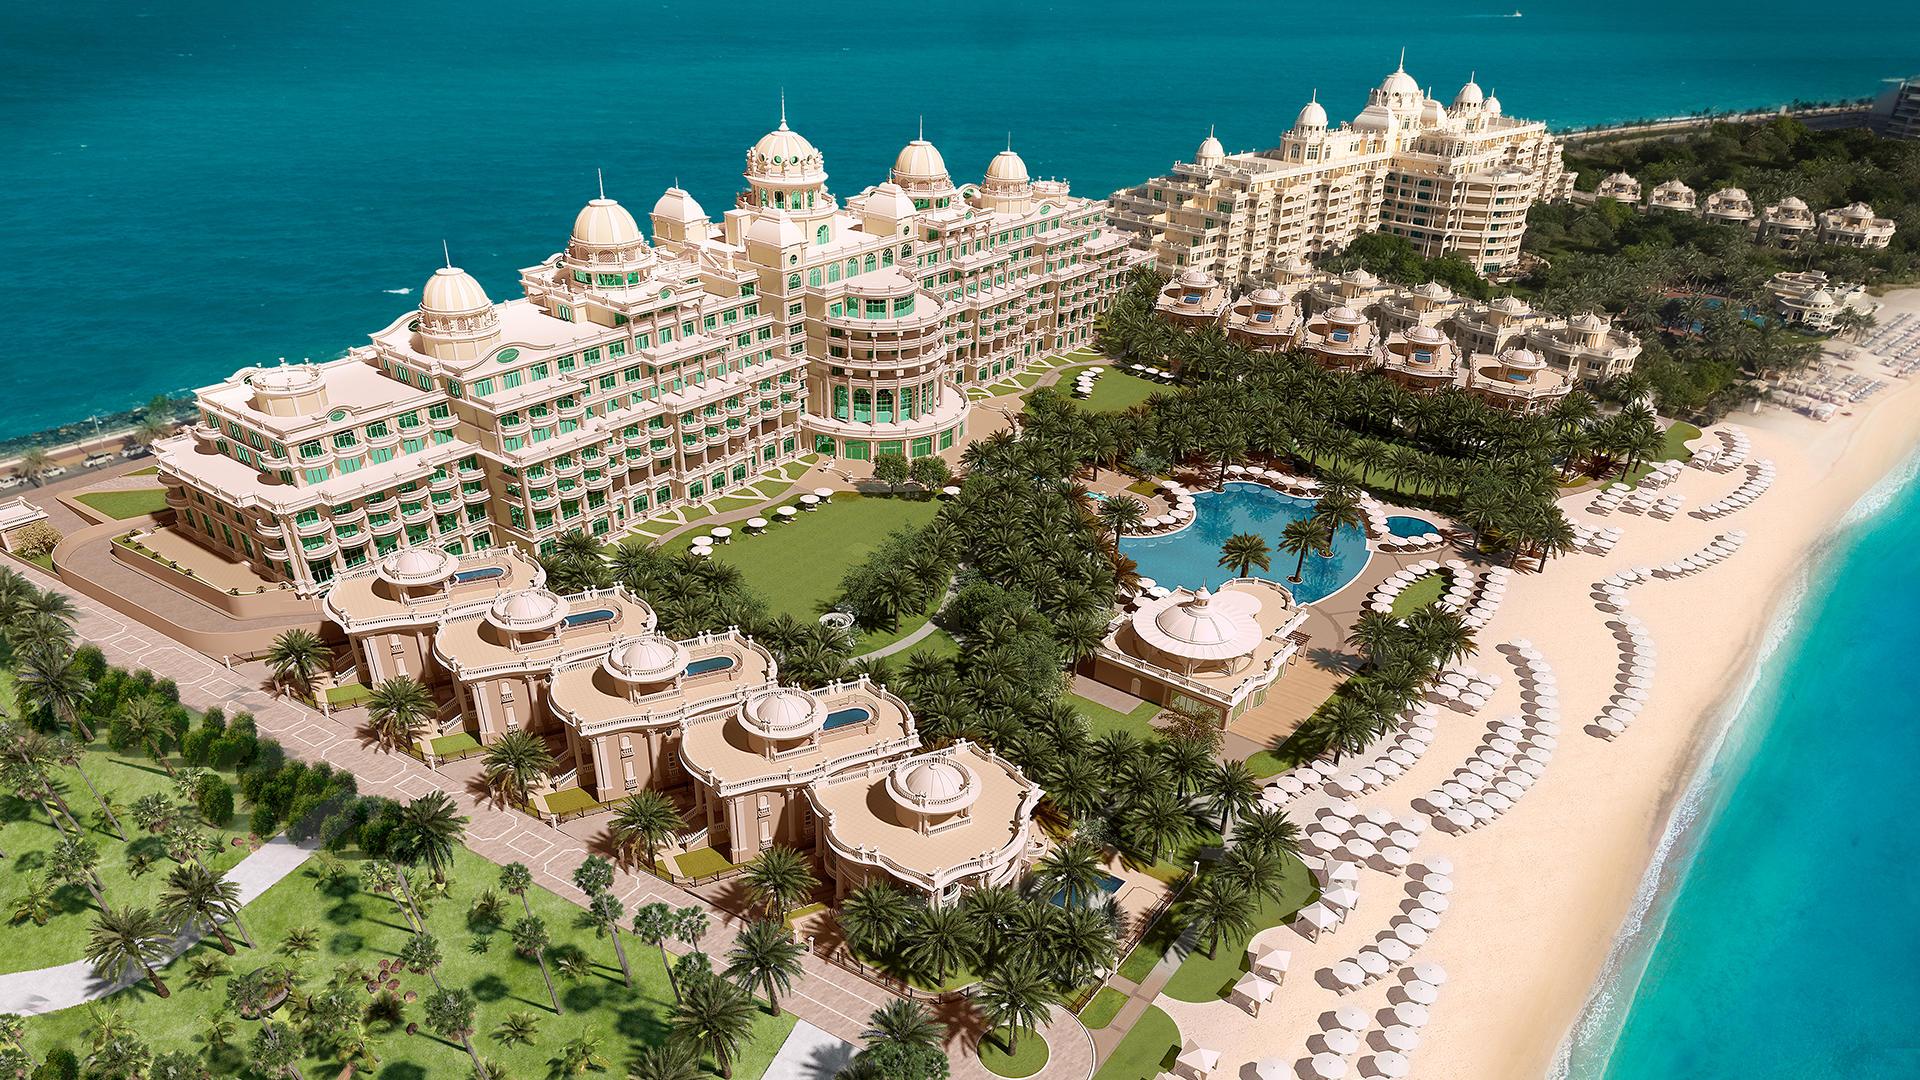 Emerald Palace Kempinski, Dubai